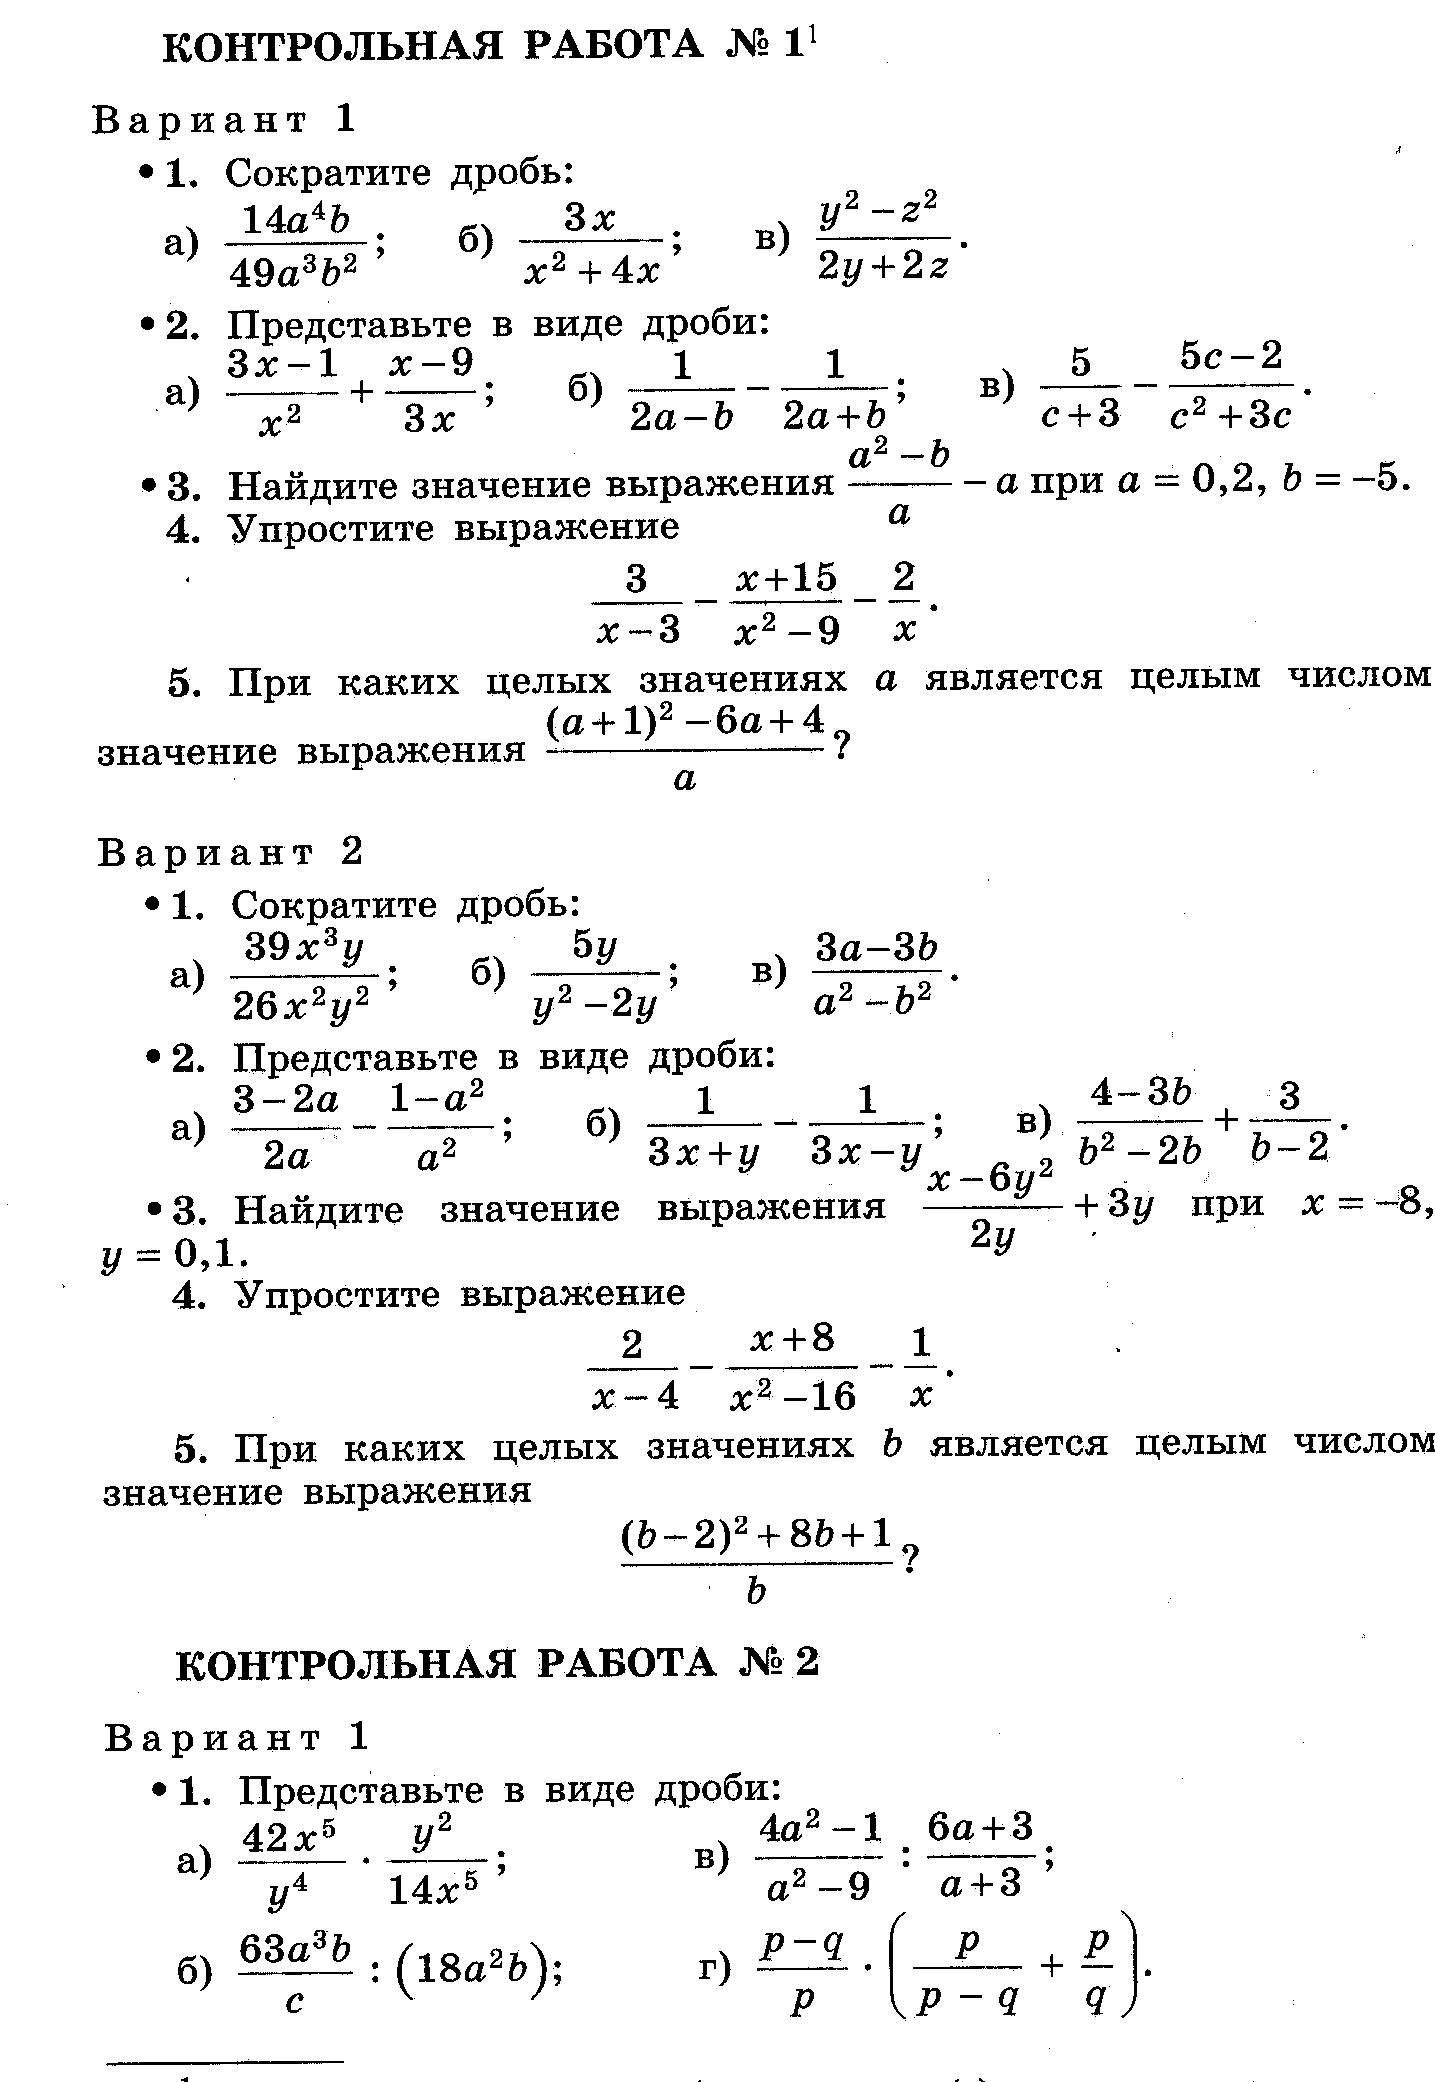 Контрольные работы по алгебре в классе Макарычев  hello html m478d0d98 png